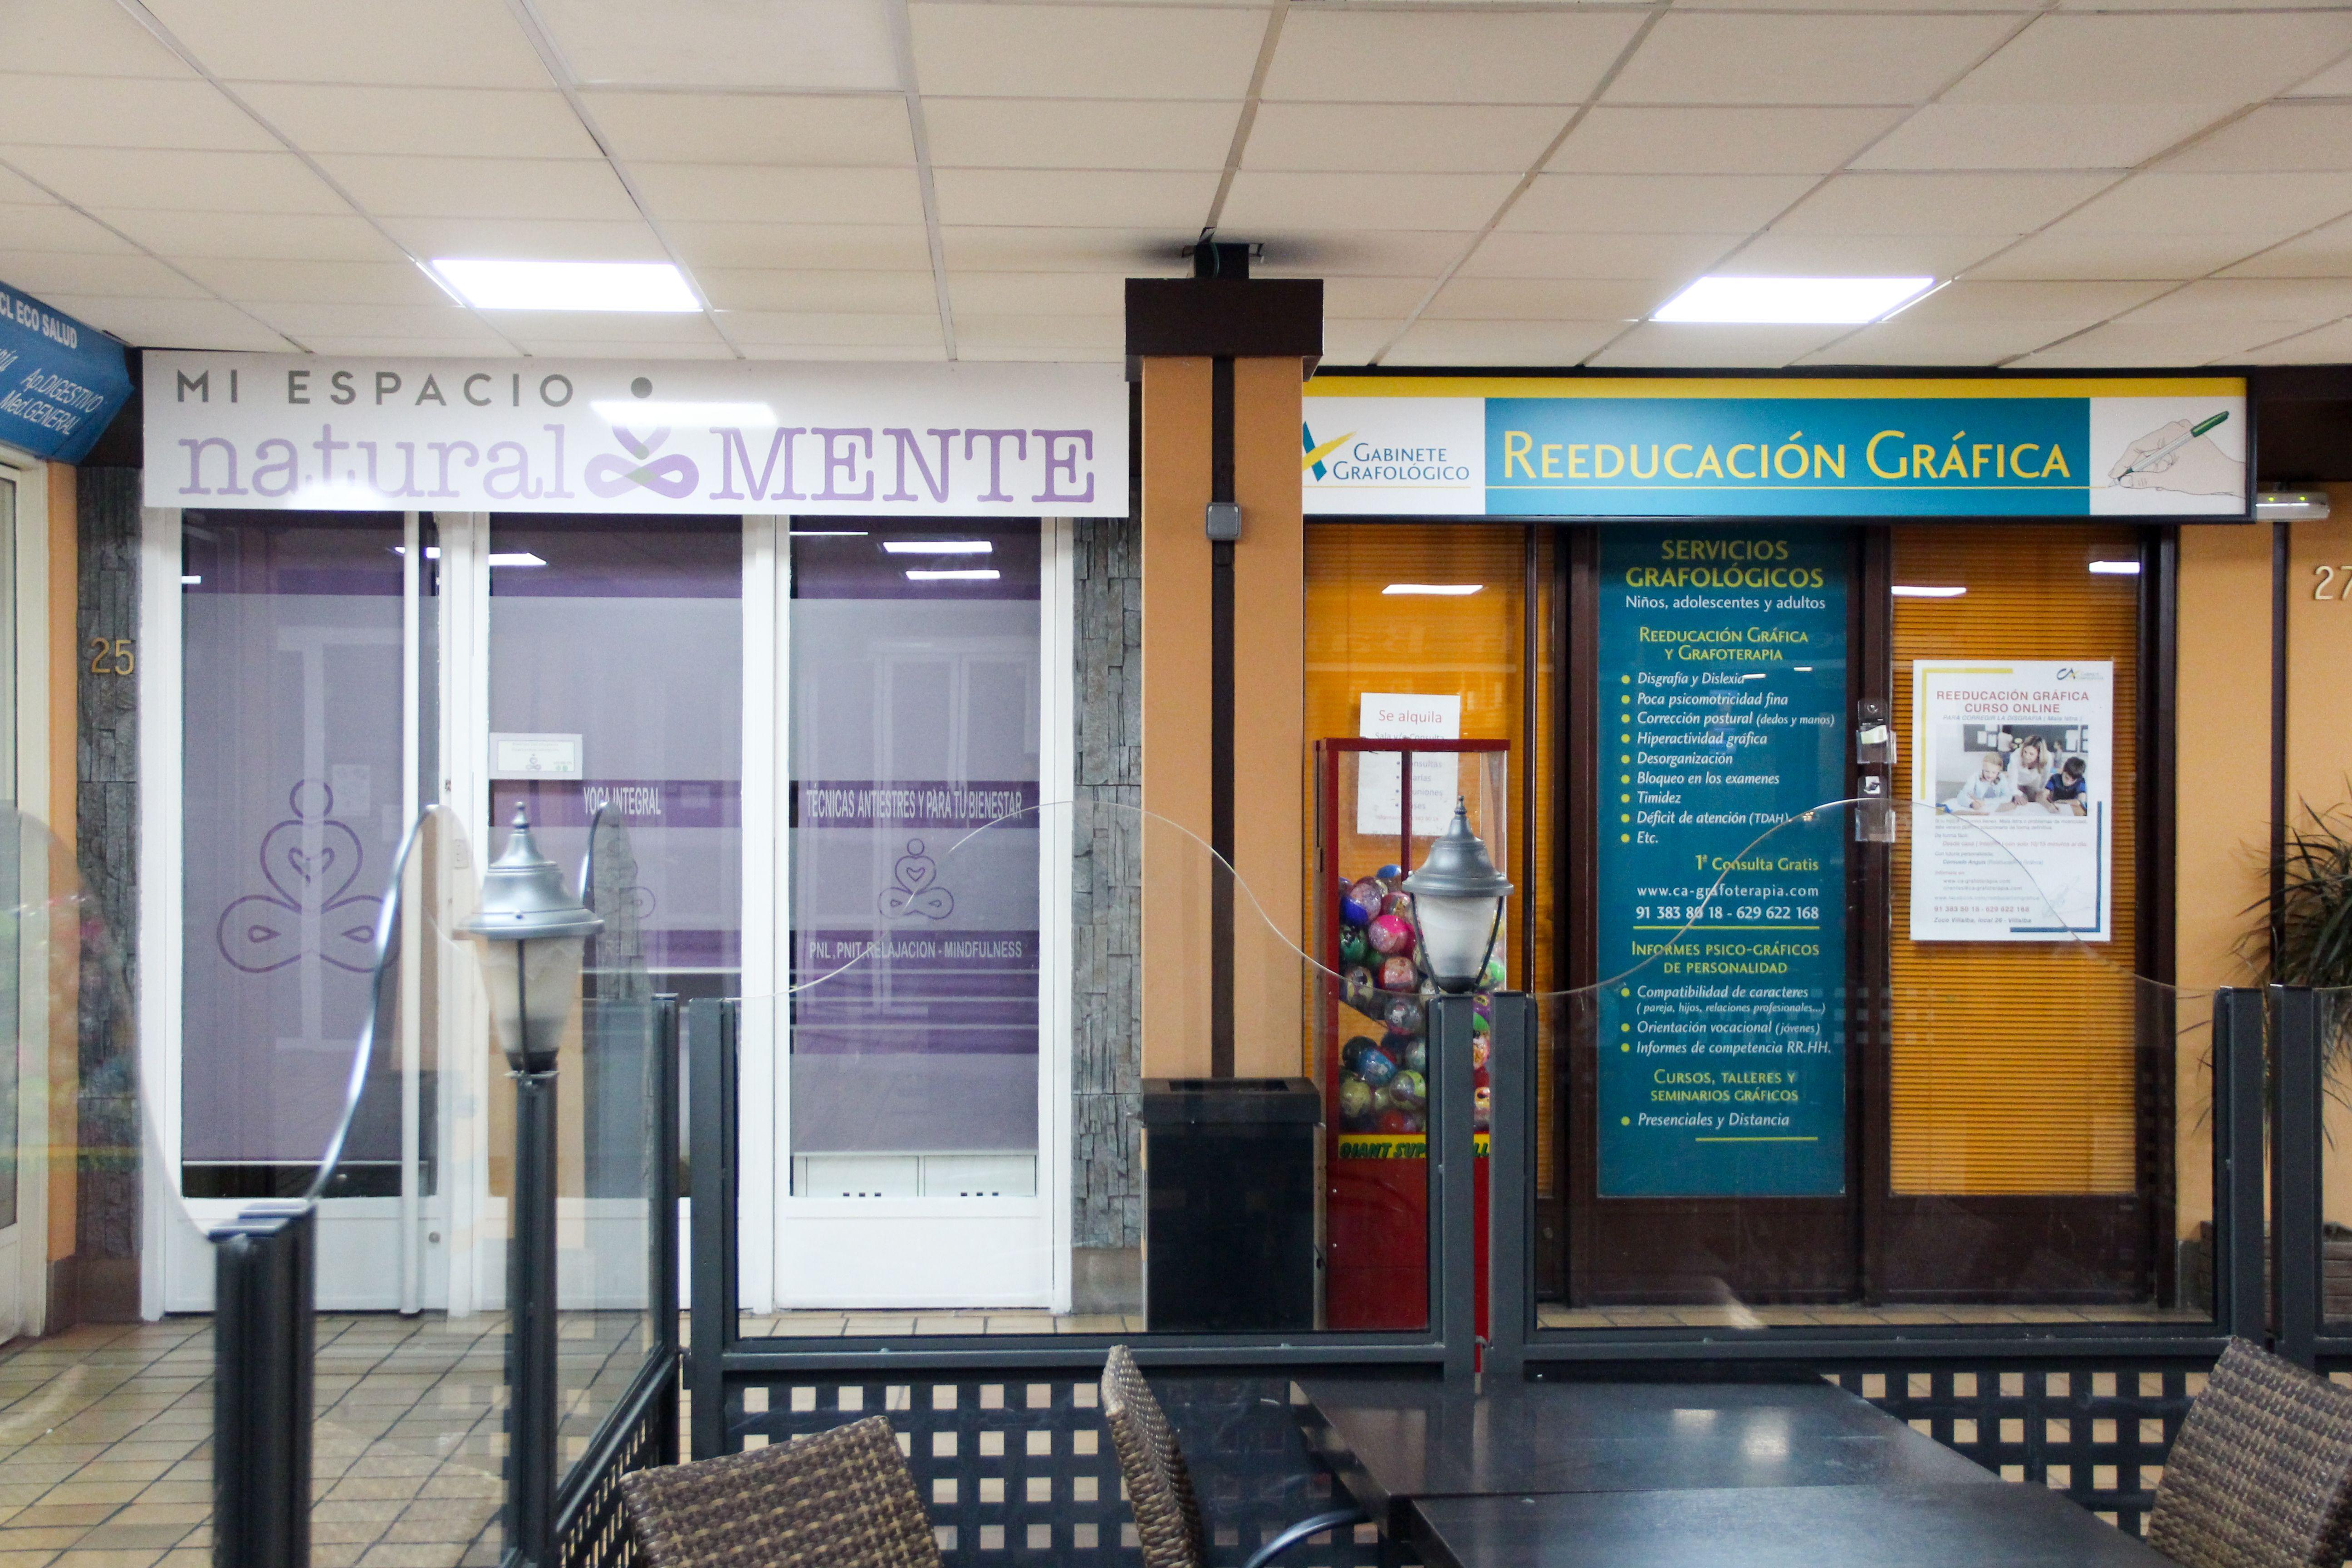 Realiza tus compras y disfruta en el Centro Comercial Zoco en Villalba